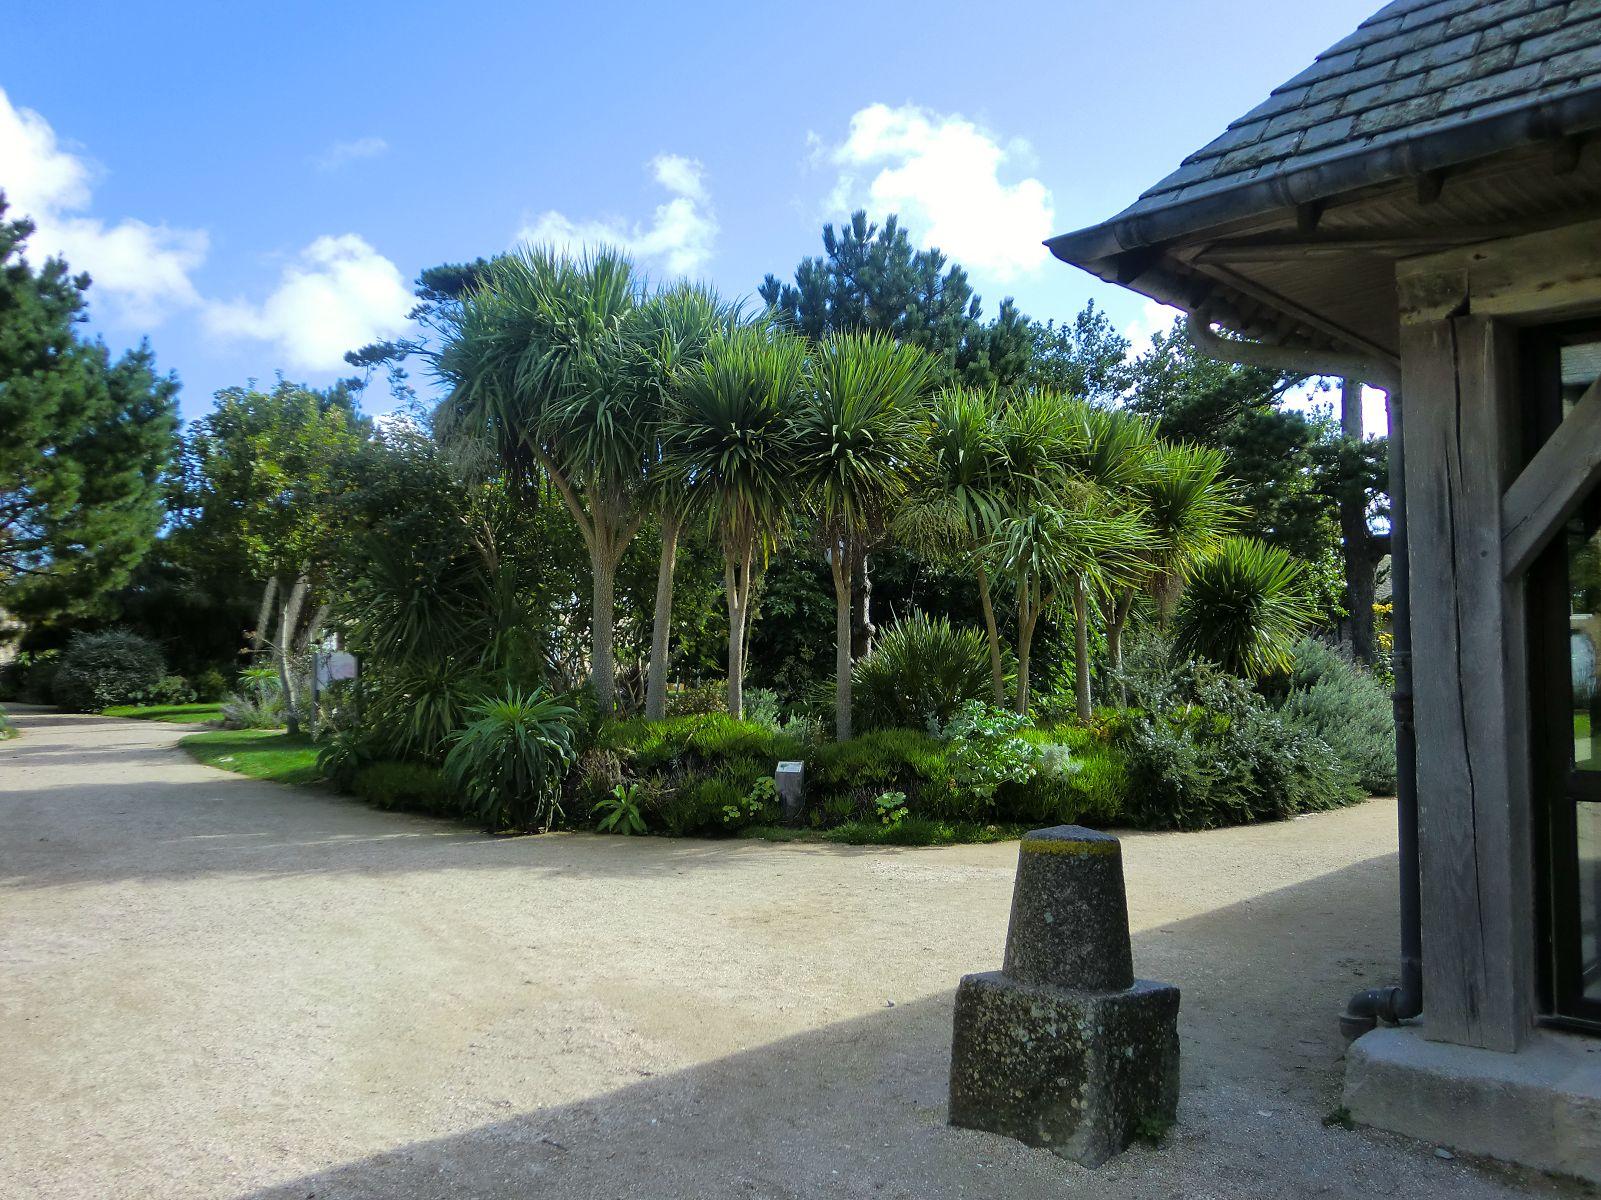 St Vaast-La-Hougue - Île de Tatihou (Manche) - Jardin de Martine